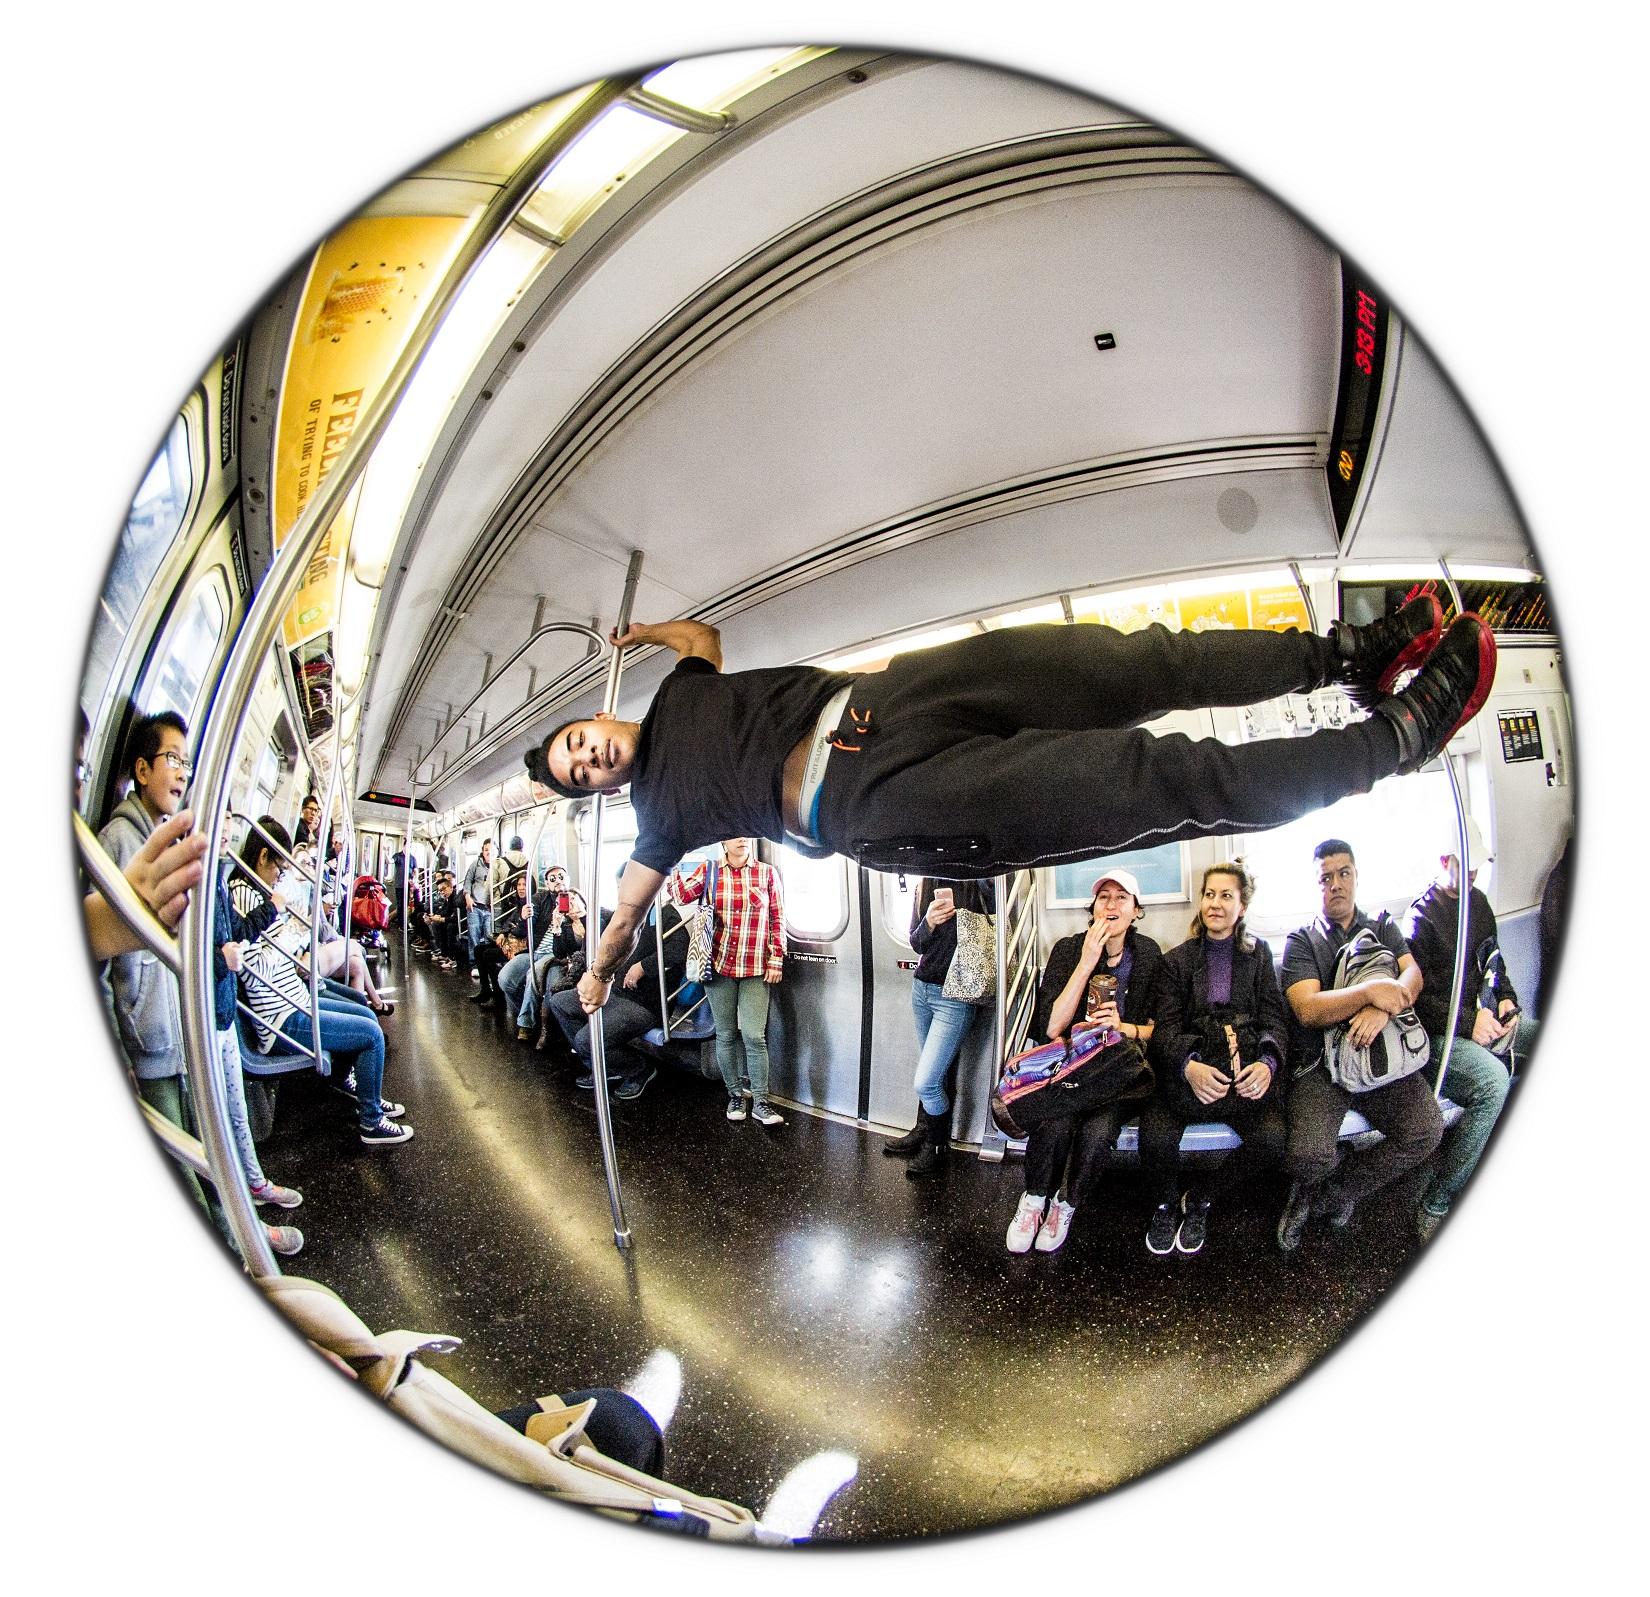 busker-subway-nyc-2016-daniel-d-teoli-jr-m.jpg